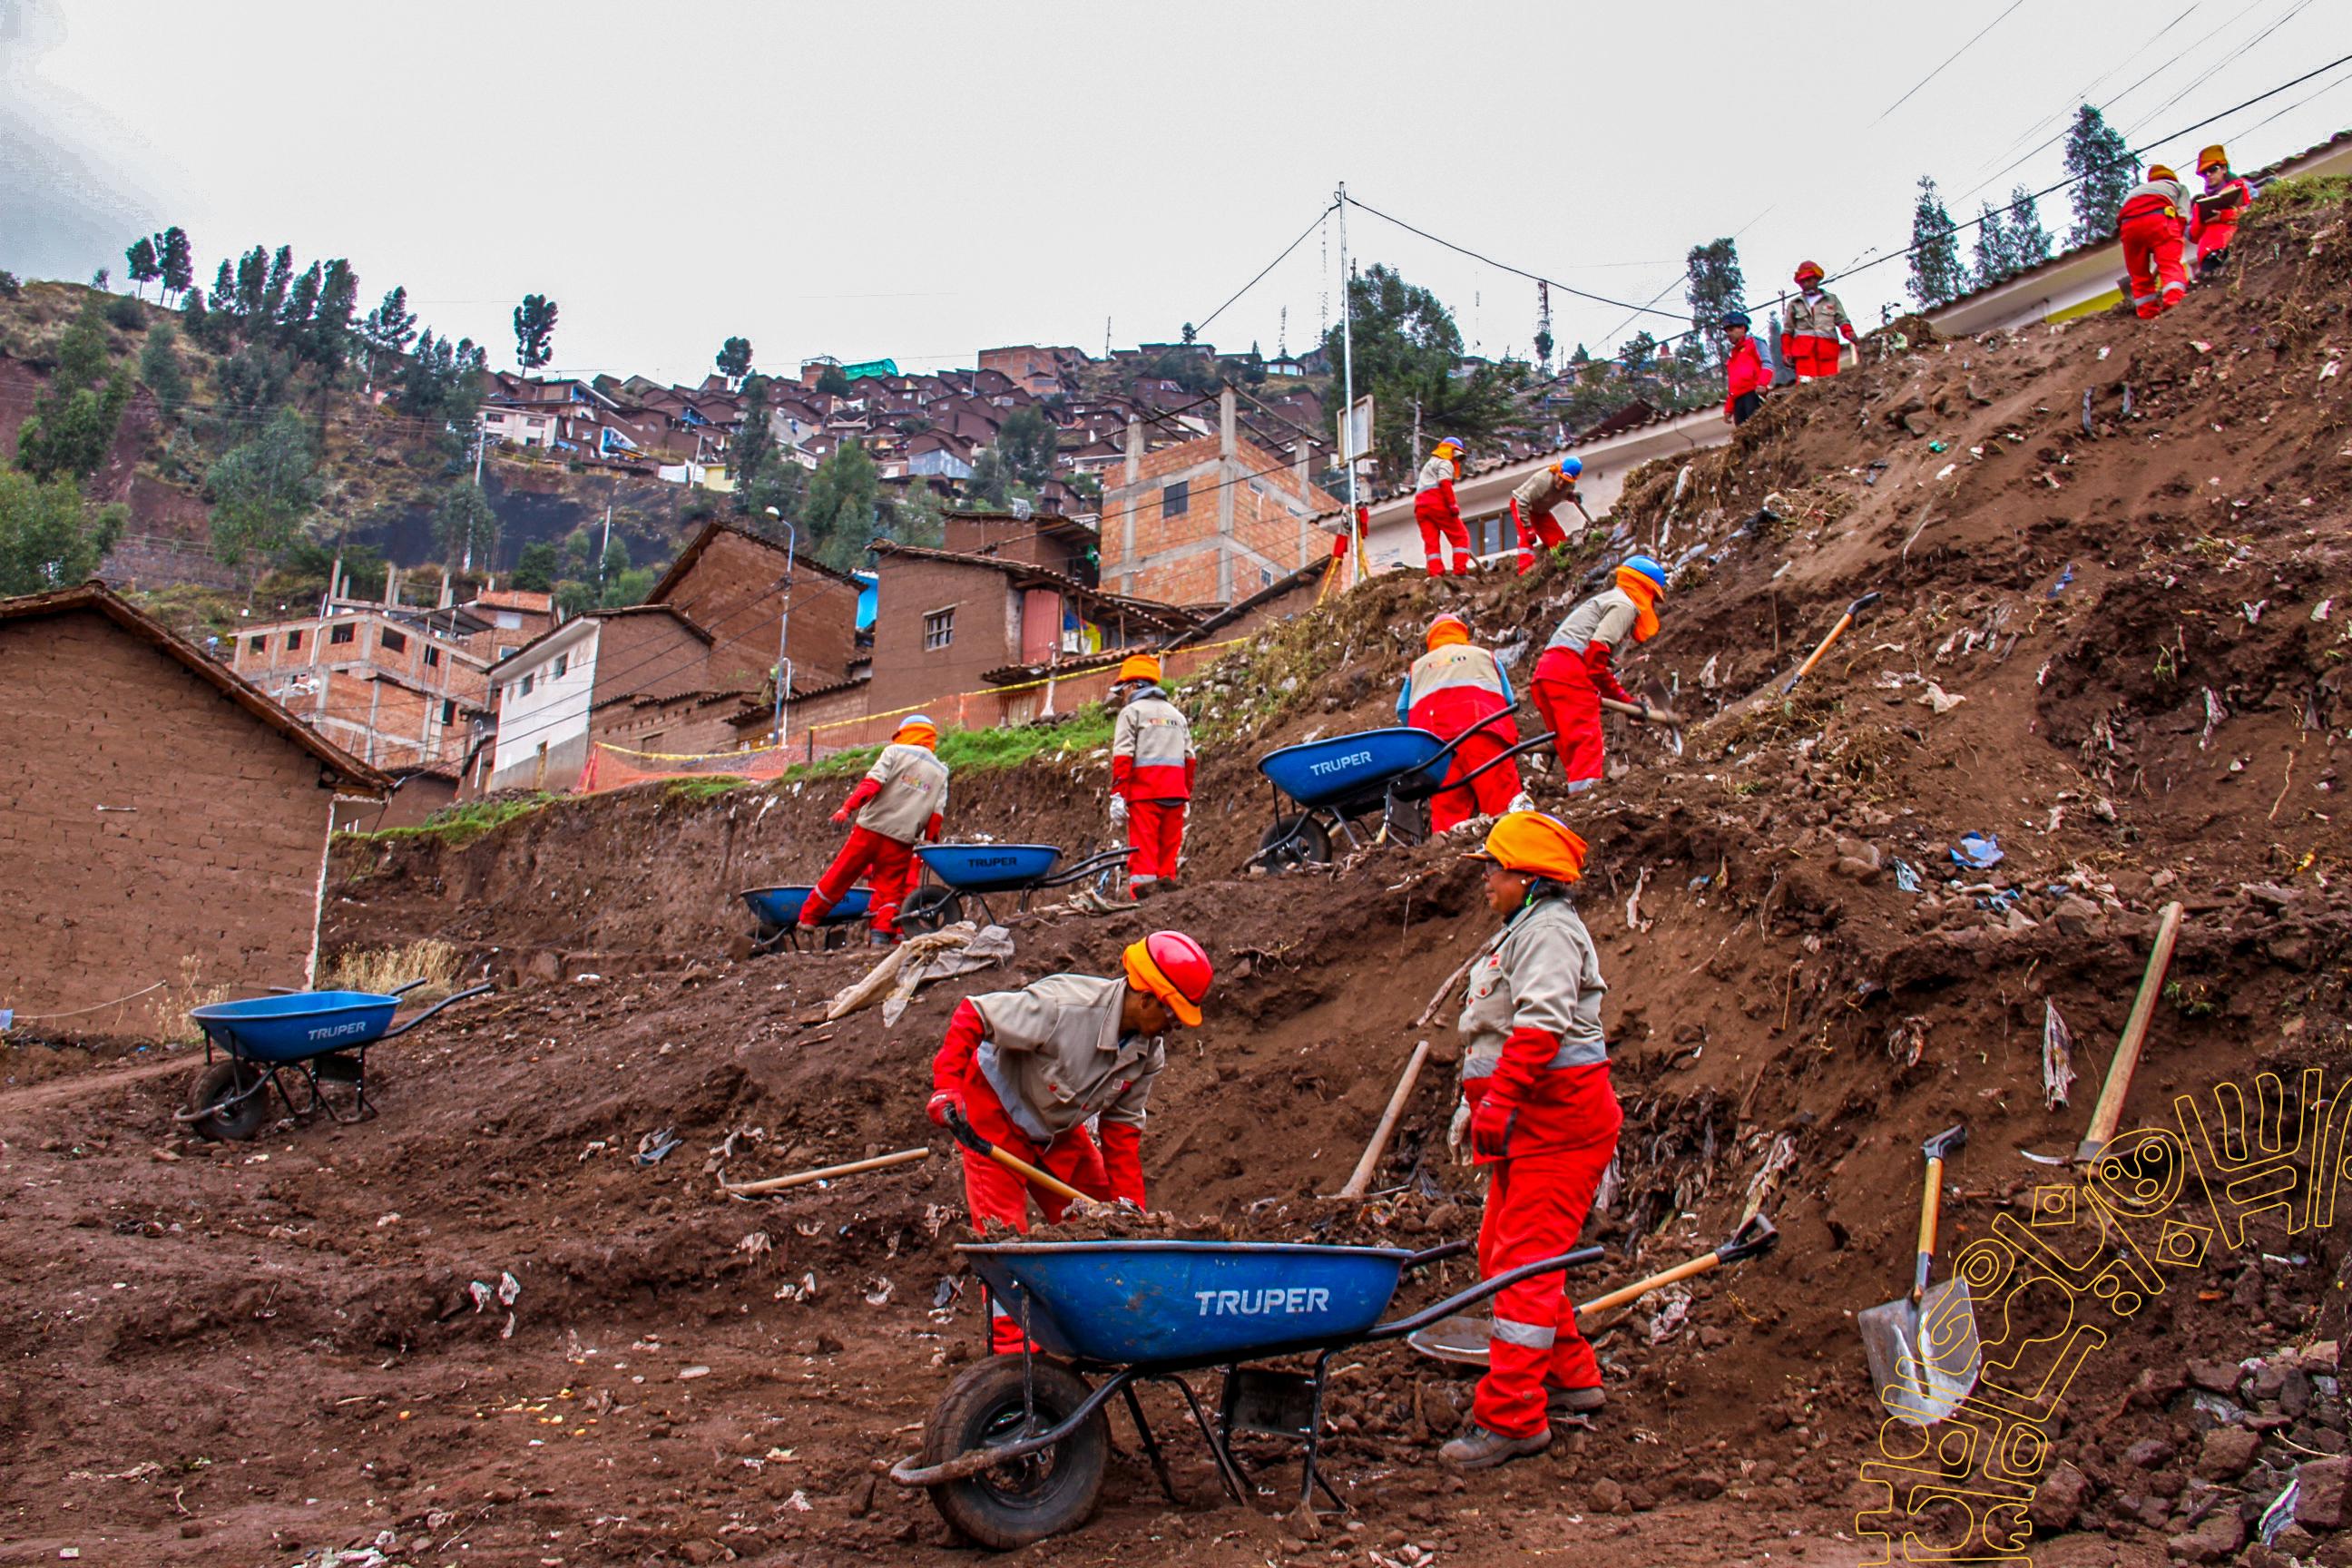 SE INICIA LA  CONSTRUCCIÓN DE PISTAS Y VEREDAS  EN LA APV. SIMÓN BOLÍVAR EN LA ZONA NOROCCIDENTAL DE CUSCO.